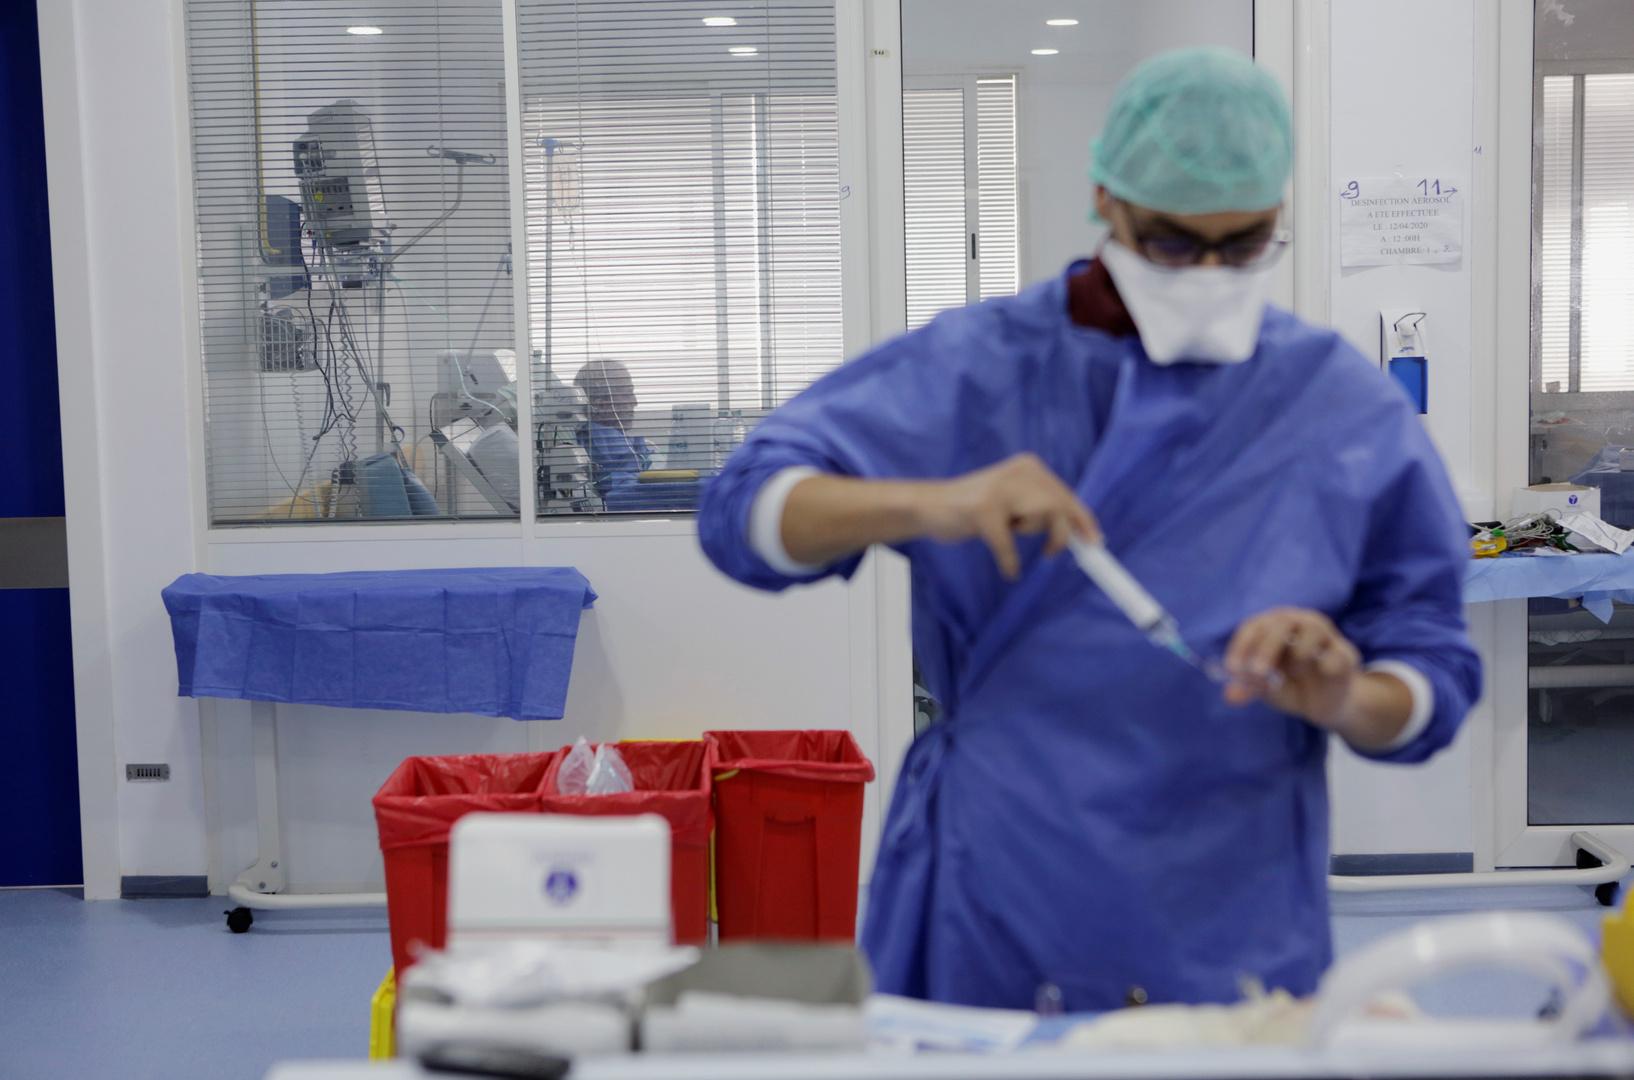 المغرب يسجل 446 إصابة و15 وفاة جديدة بفيروس كورونا